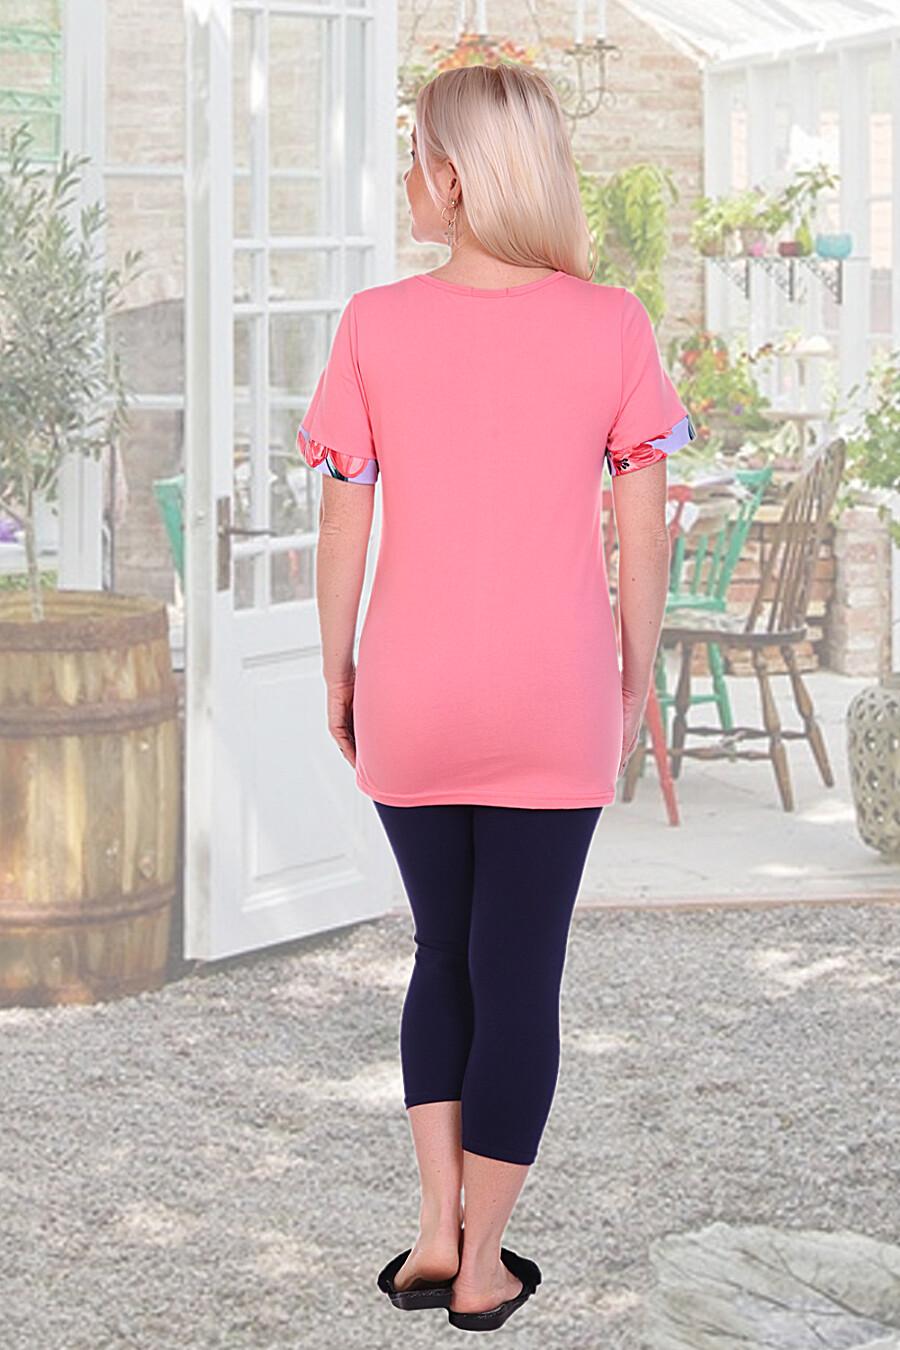 Костюм Афоризм для женщин НАТАЛИ 289355 купить оптом от производителя. Совместная покупка женской одежды в OptMoyo